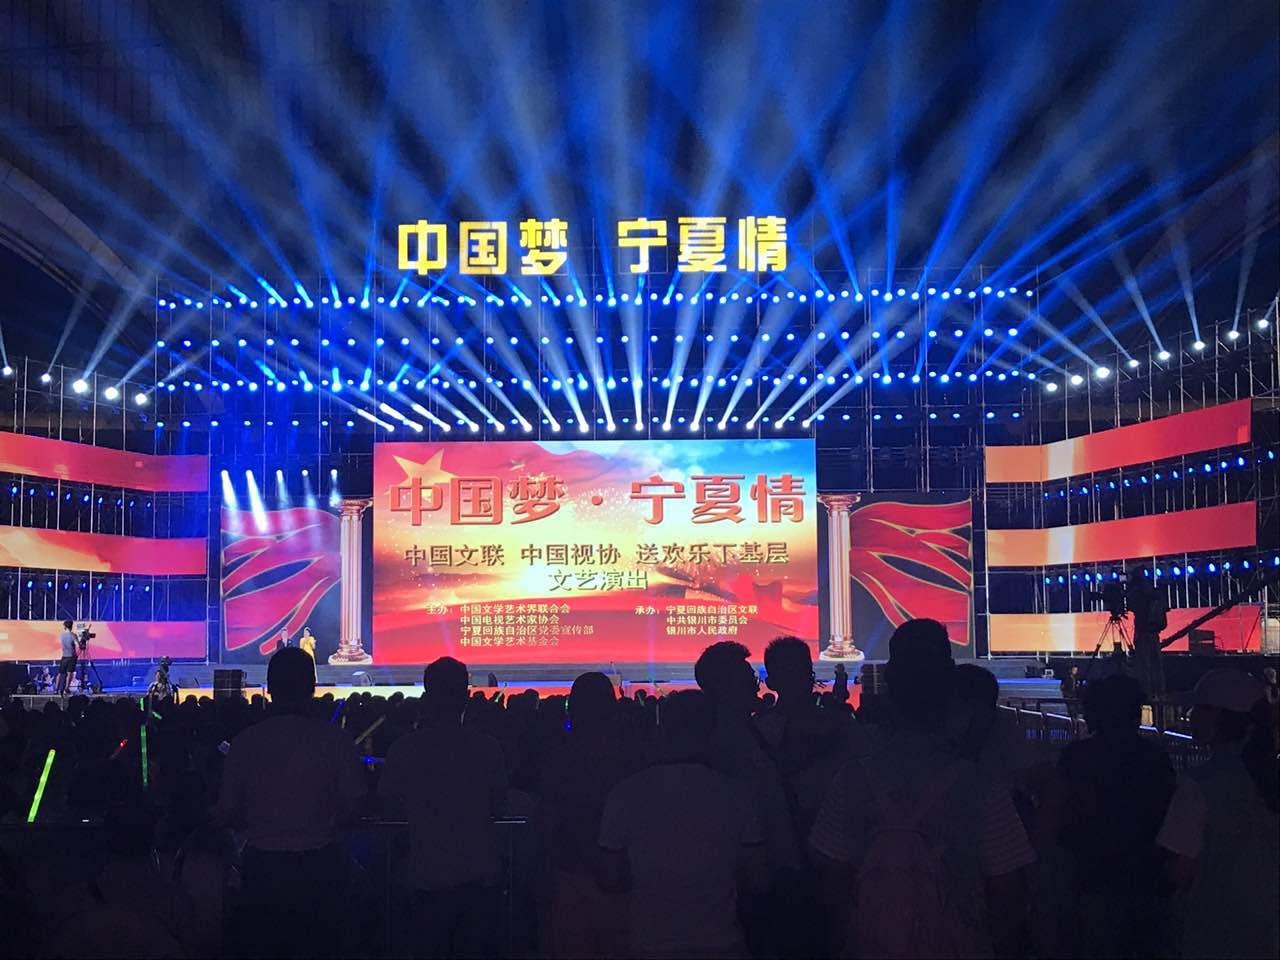 兰州LED大屏租赁_舞台LED大屏租赁_欣宇文化_舞台灯光